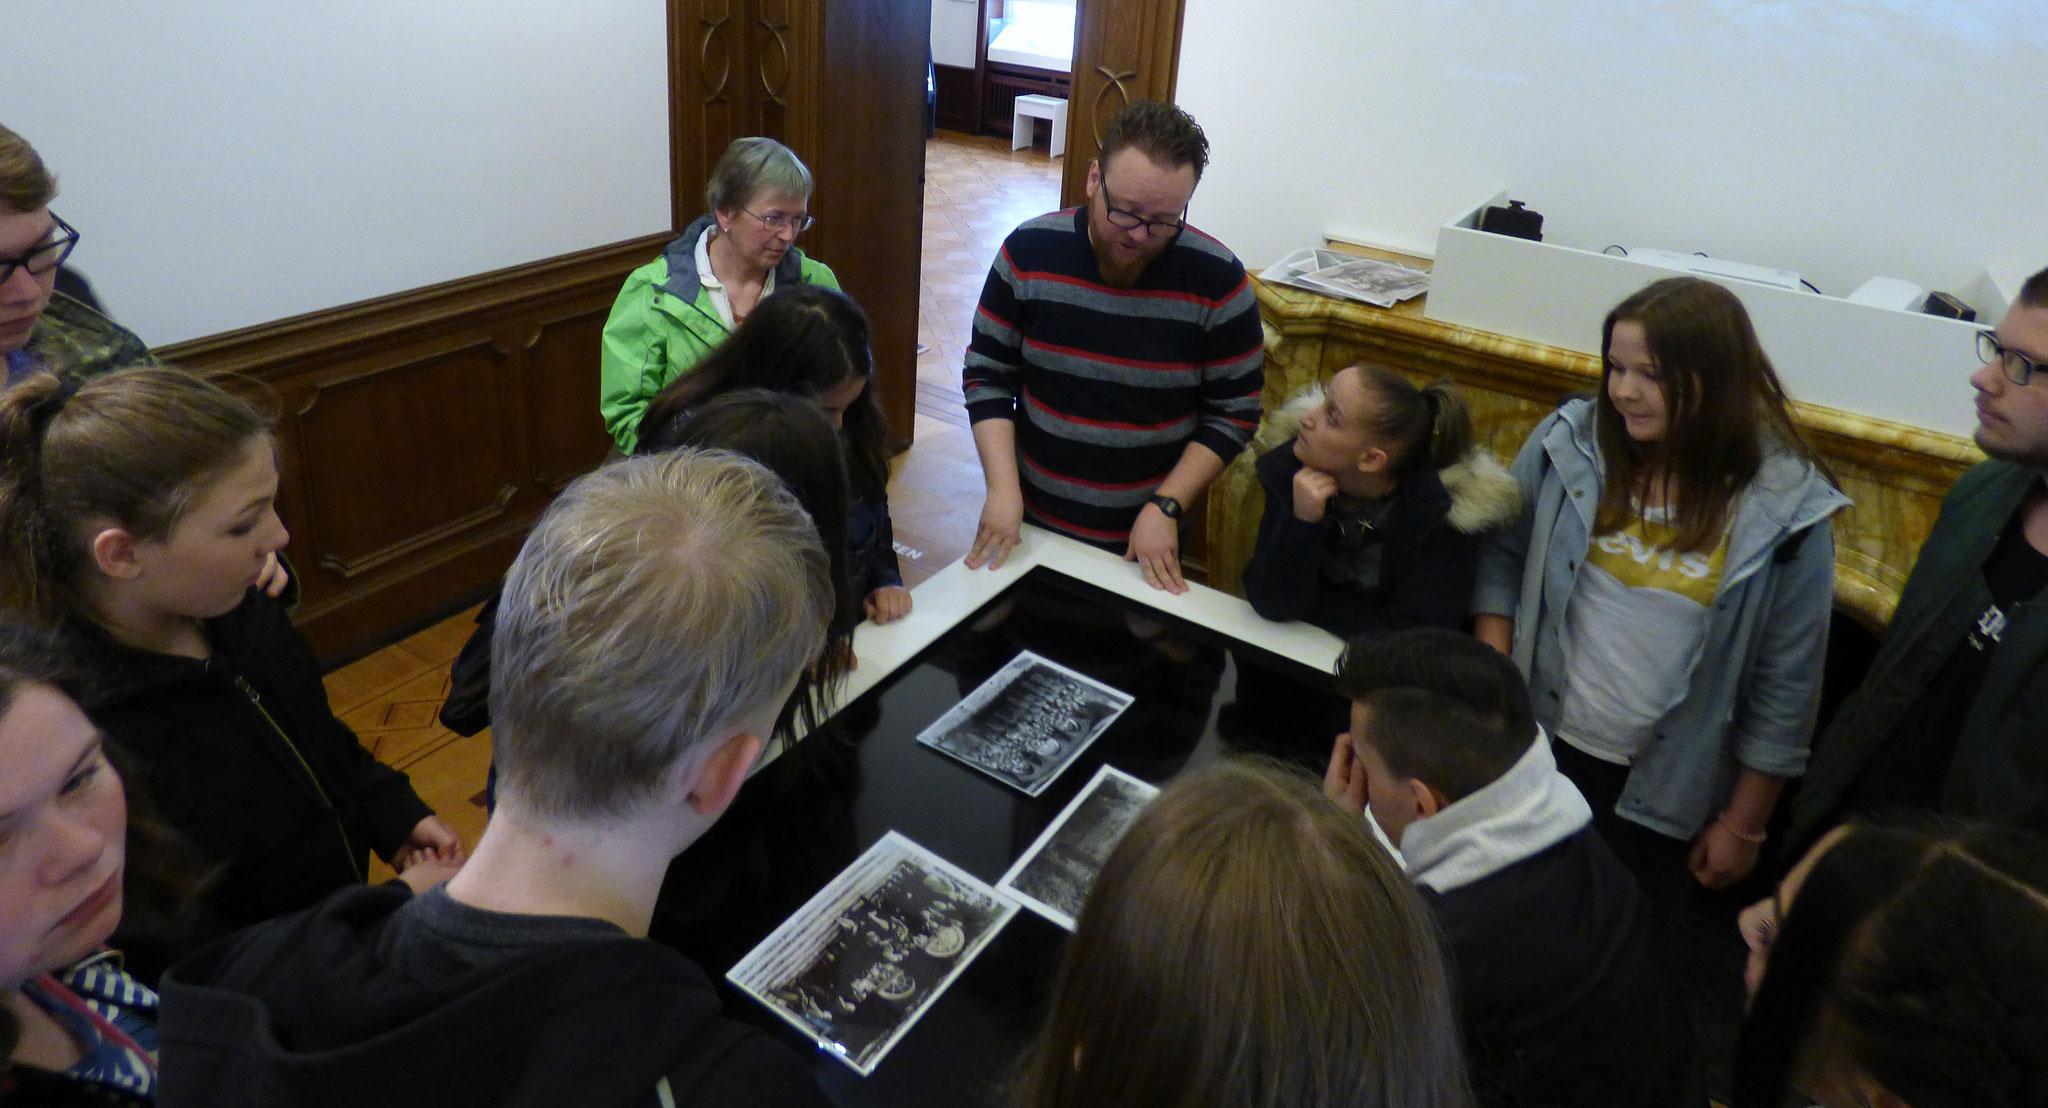 Im Rahmen einer Führung durch die Ausstellung wurden detalierte Informationen durch einen ehrenamtlichen Mitarbeiter der Villa Ten Hompel gegeben